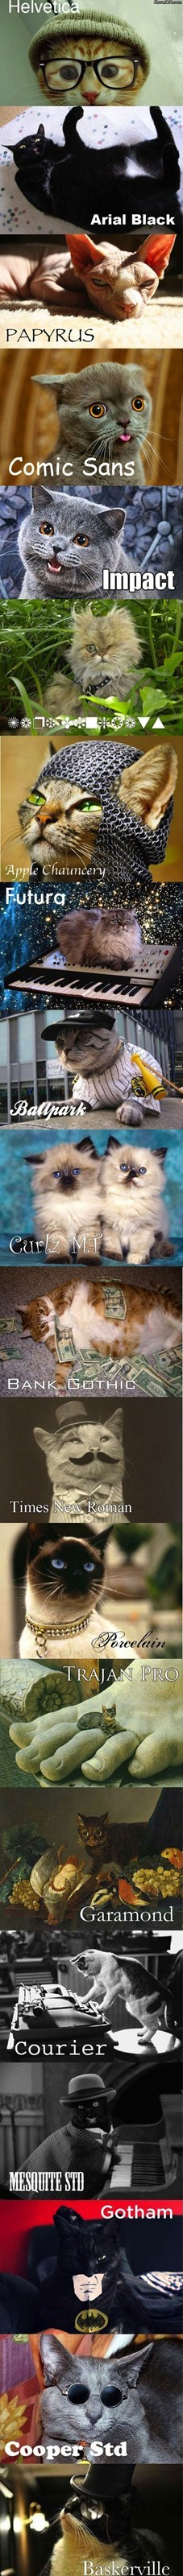 Cats fonts - 8256559872